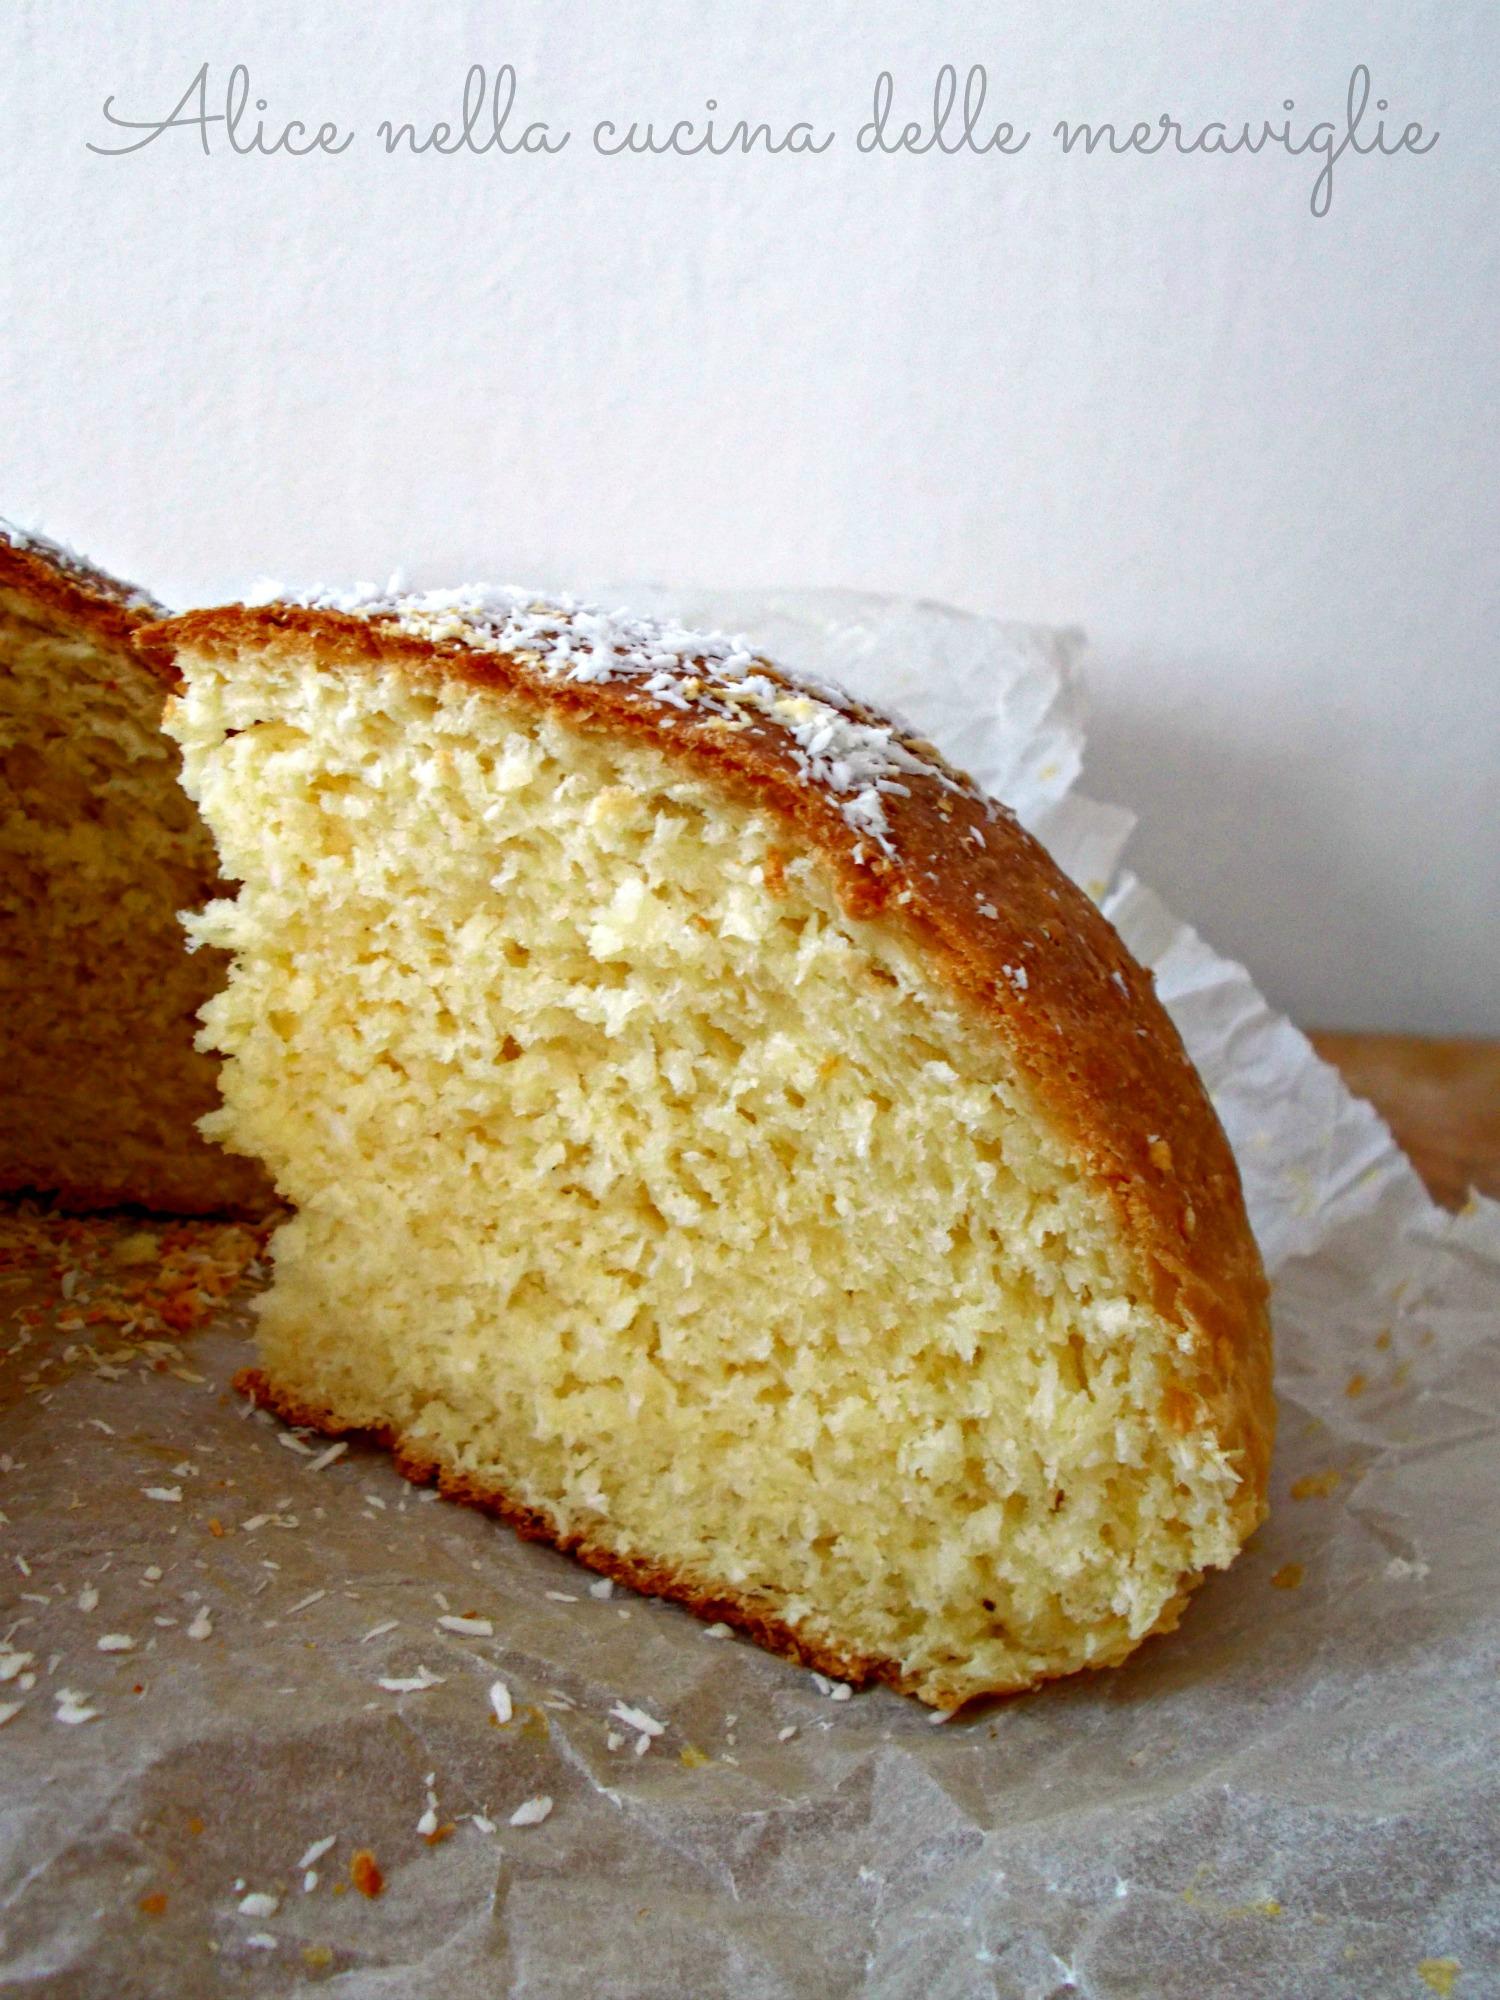 Torta di pan brioche al cocco Ricetta lievitato dolce Alice nella cucina delle meraviglie